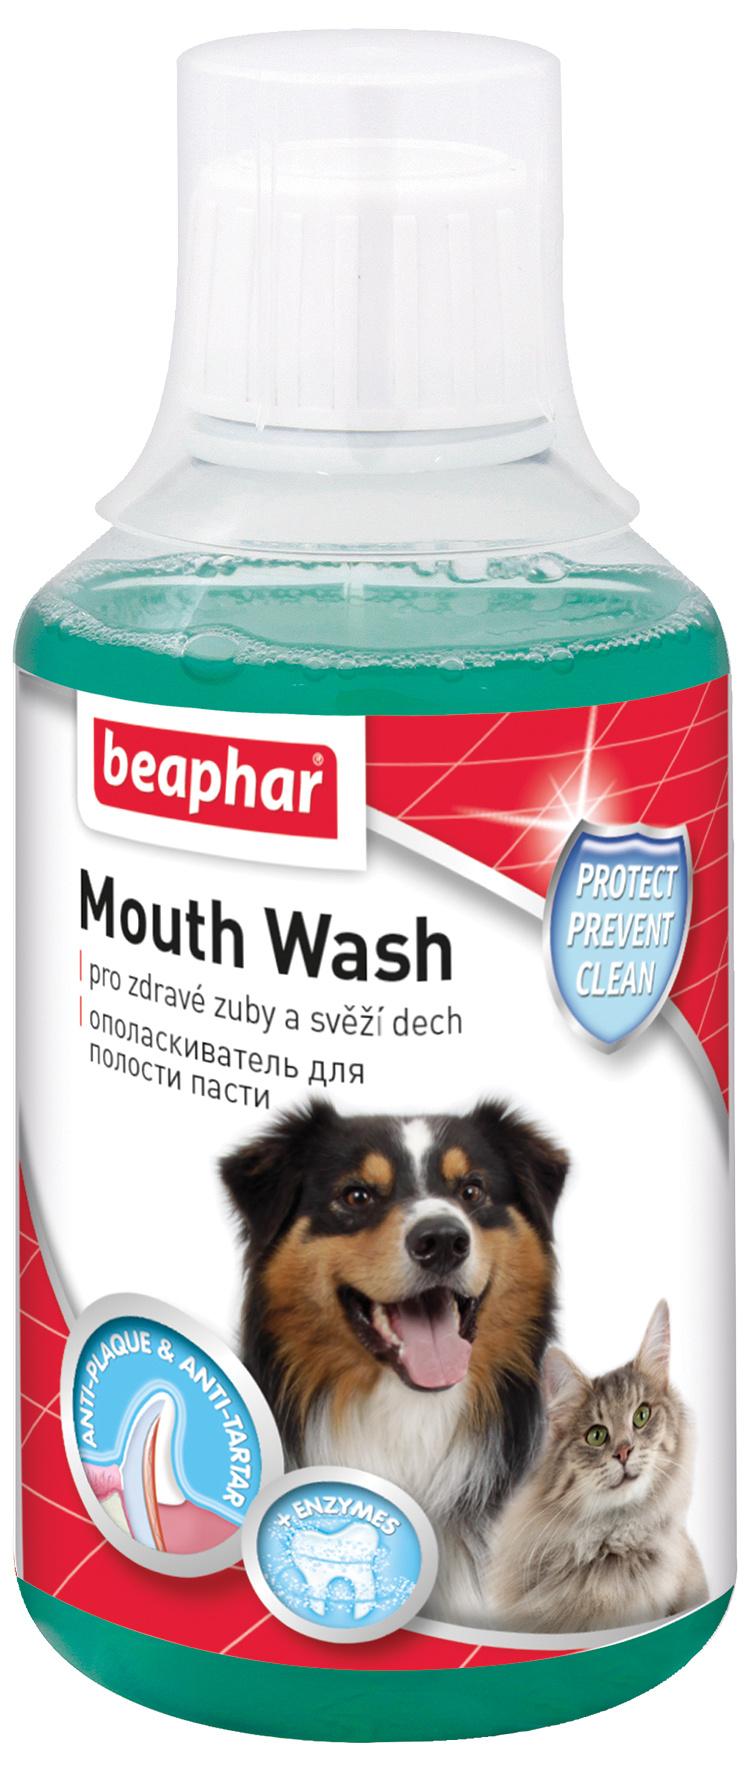 Beaphar ústní voda 250ml